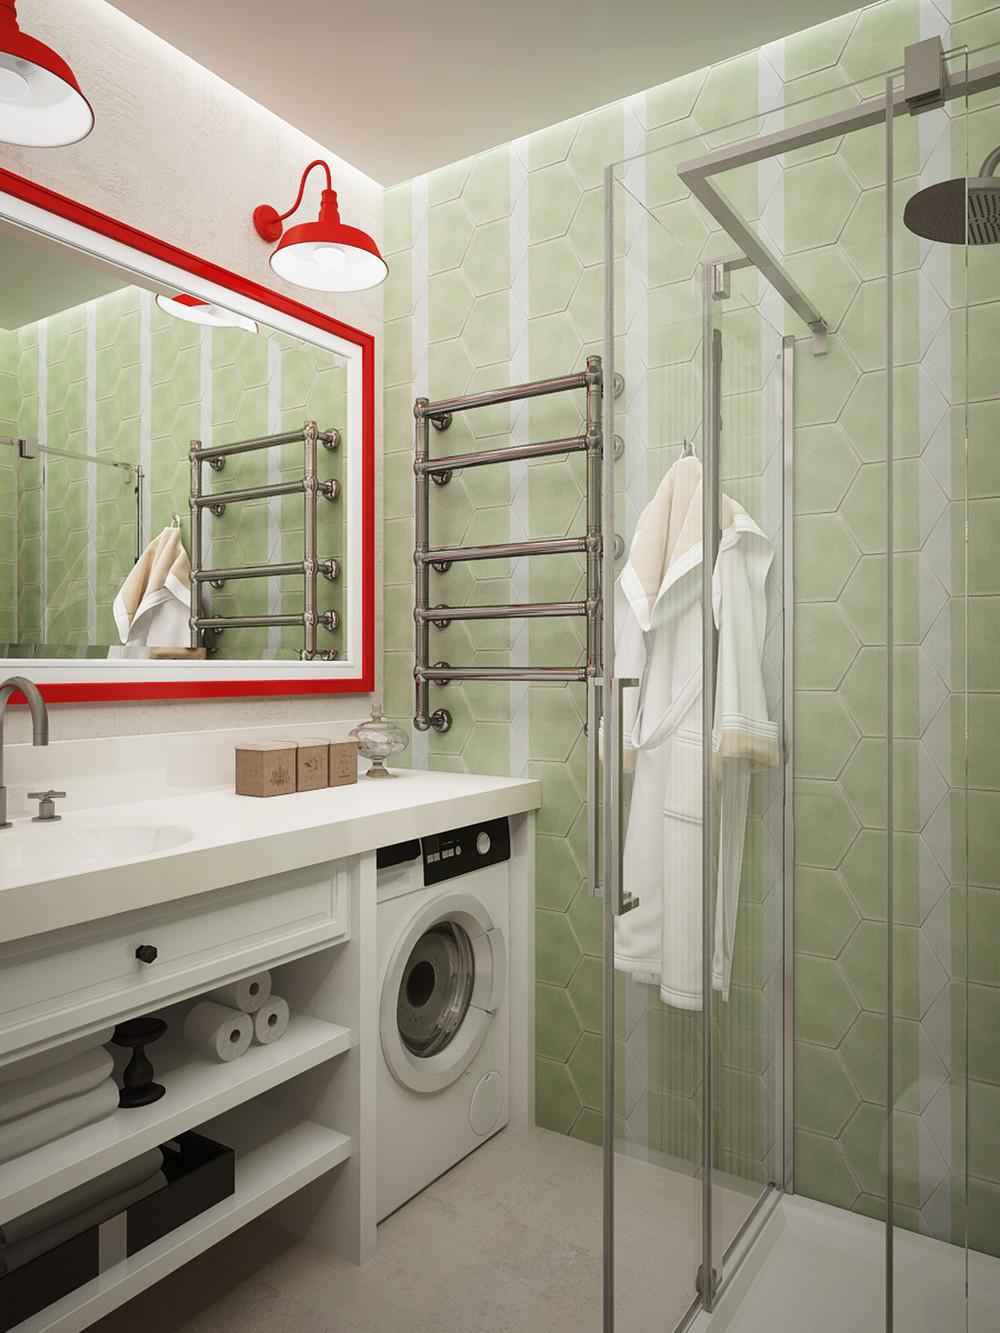 Compact bathroom designs